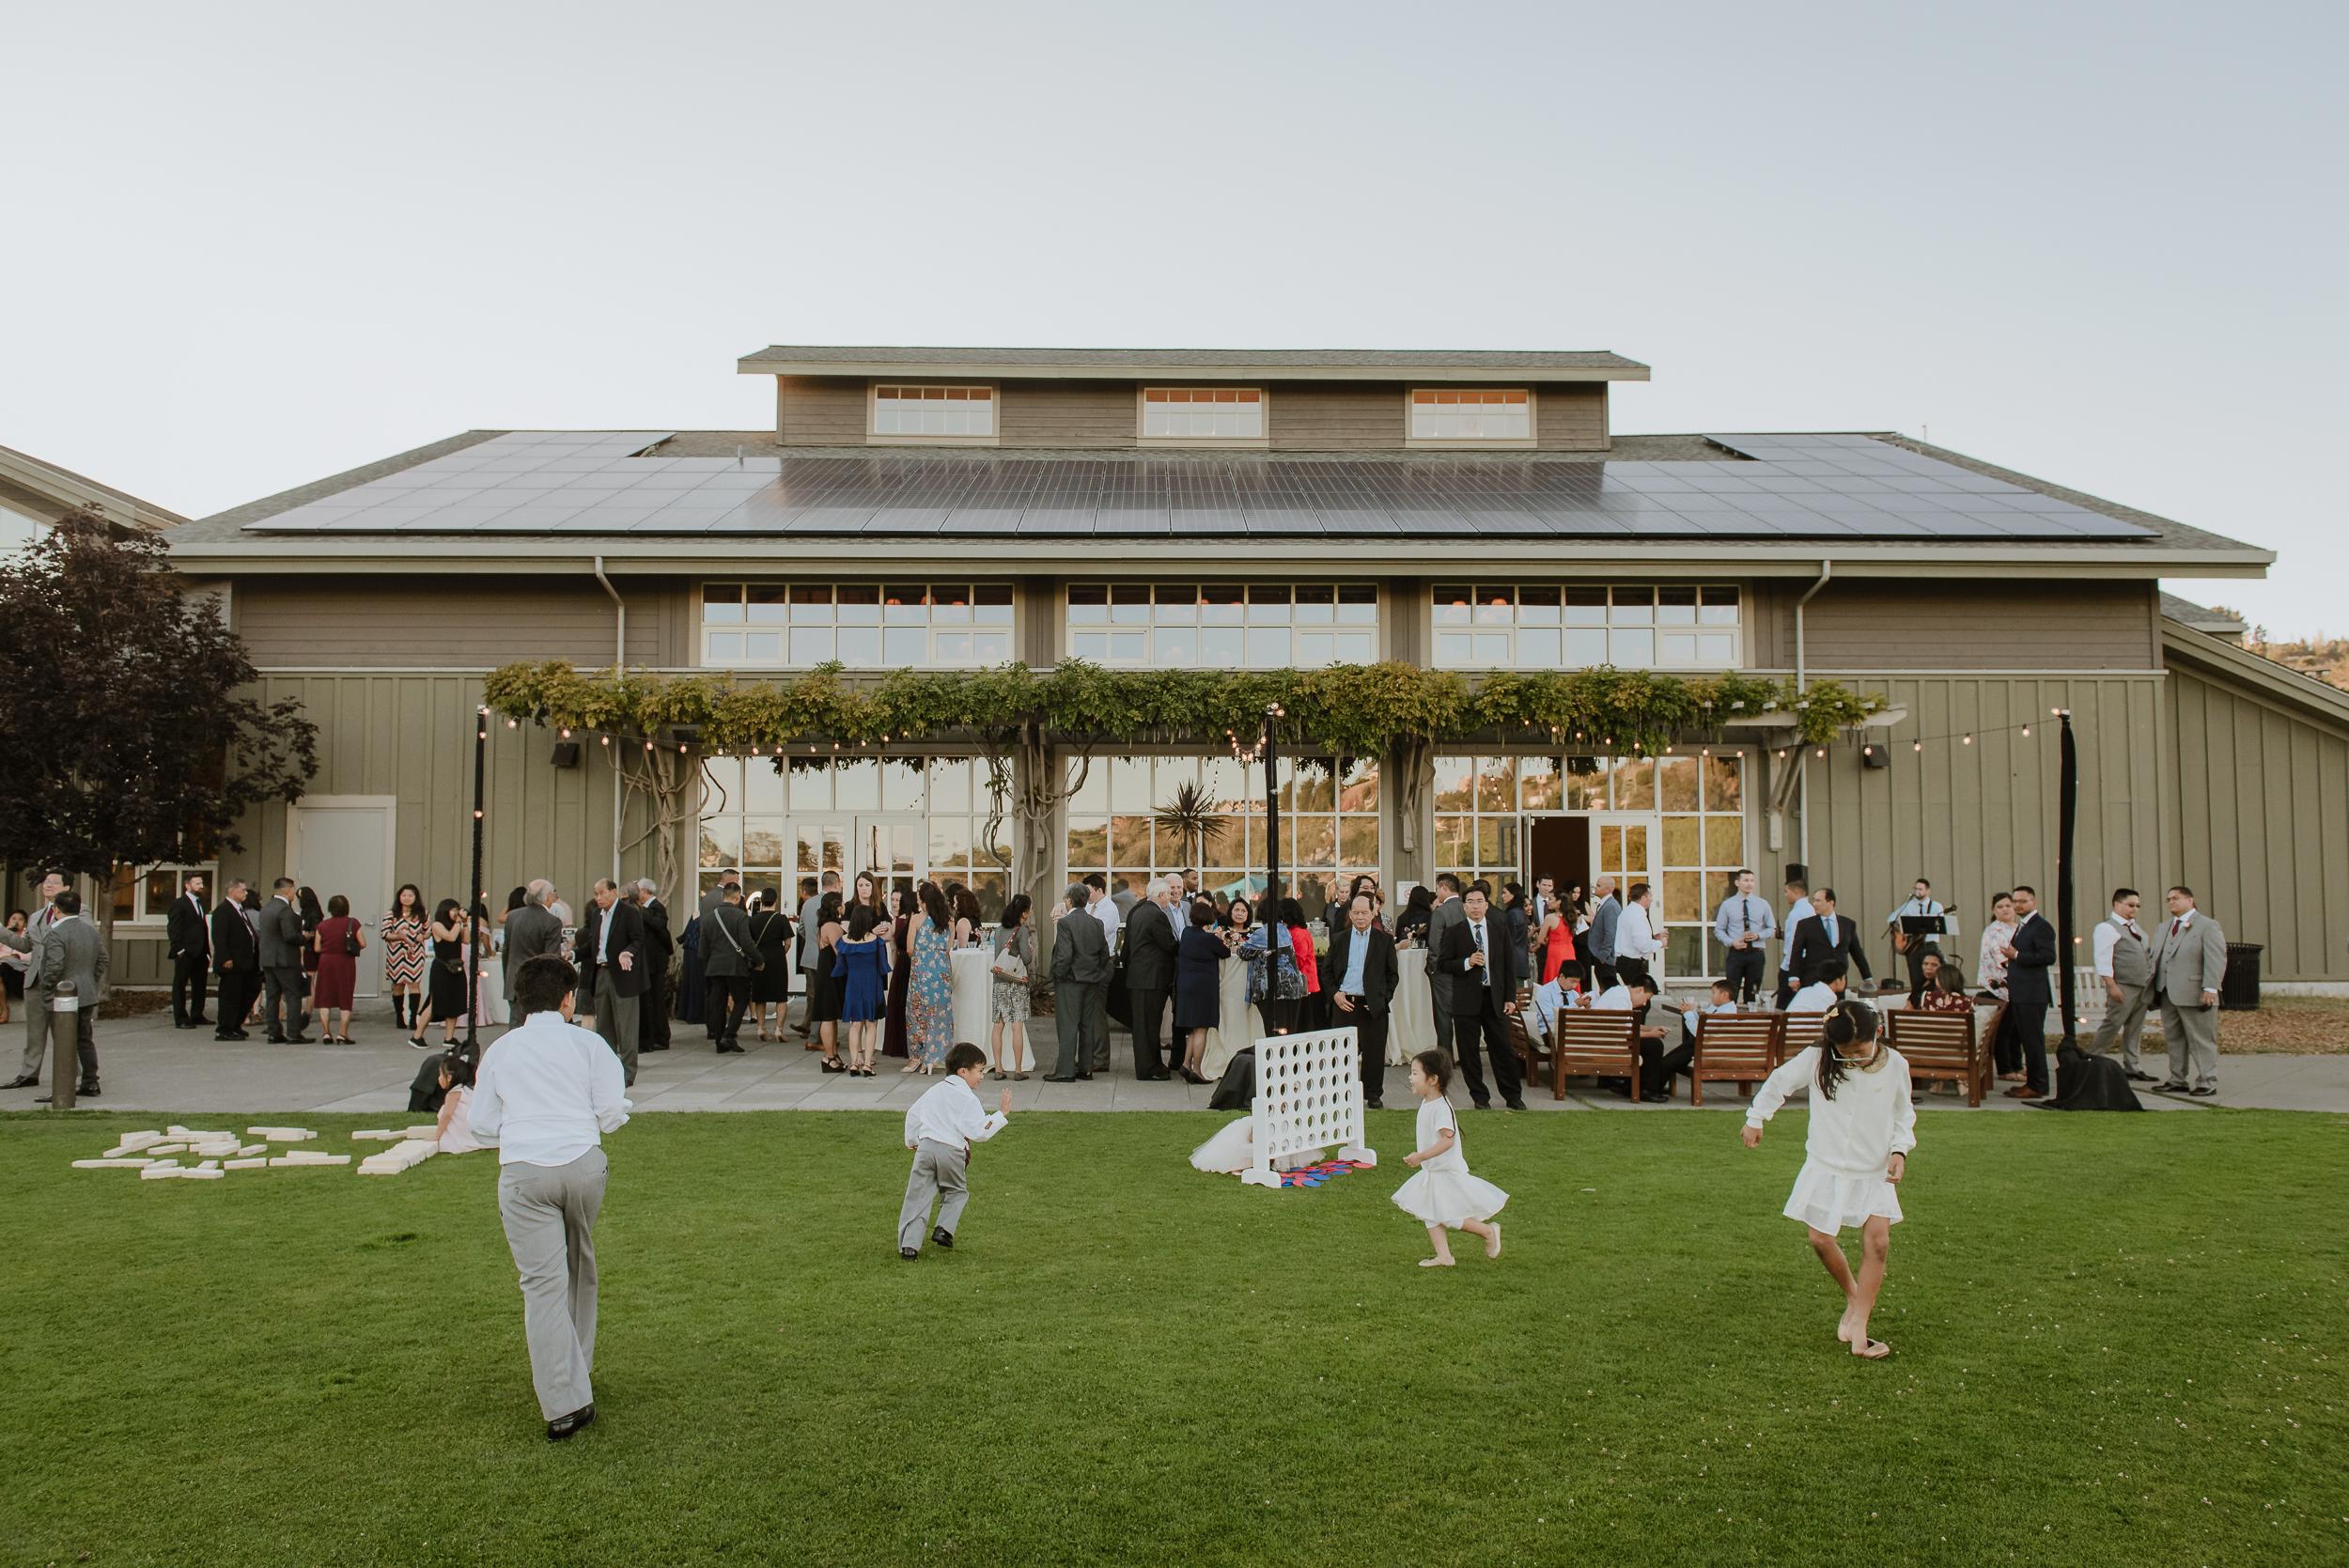 51-old-mill-park-mill-valley-community-center-wedding-vivianchen-630.jpg